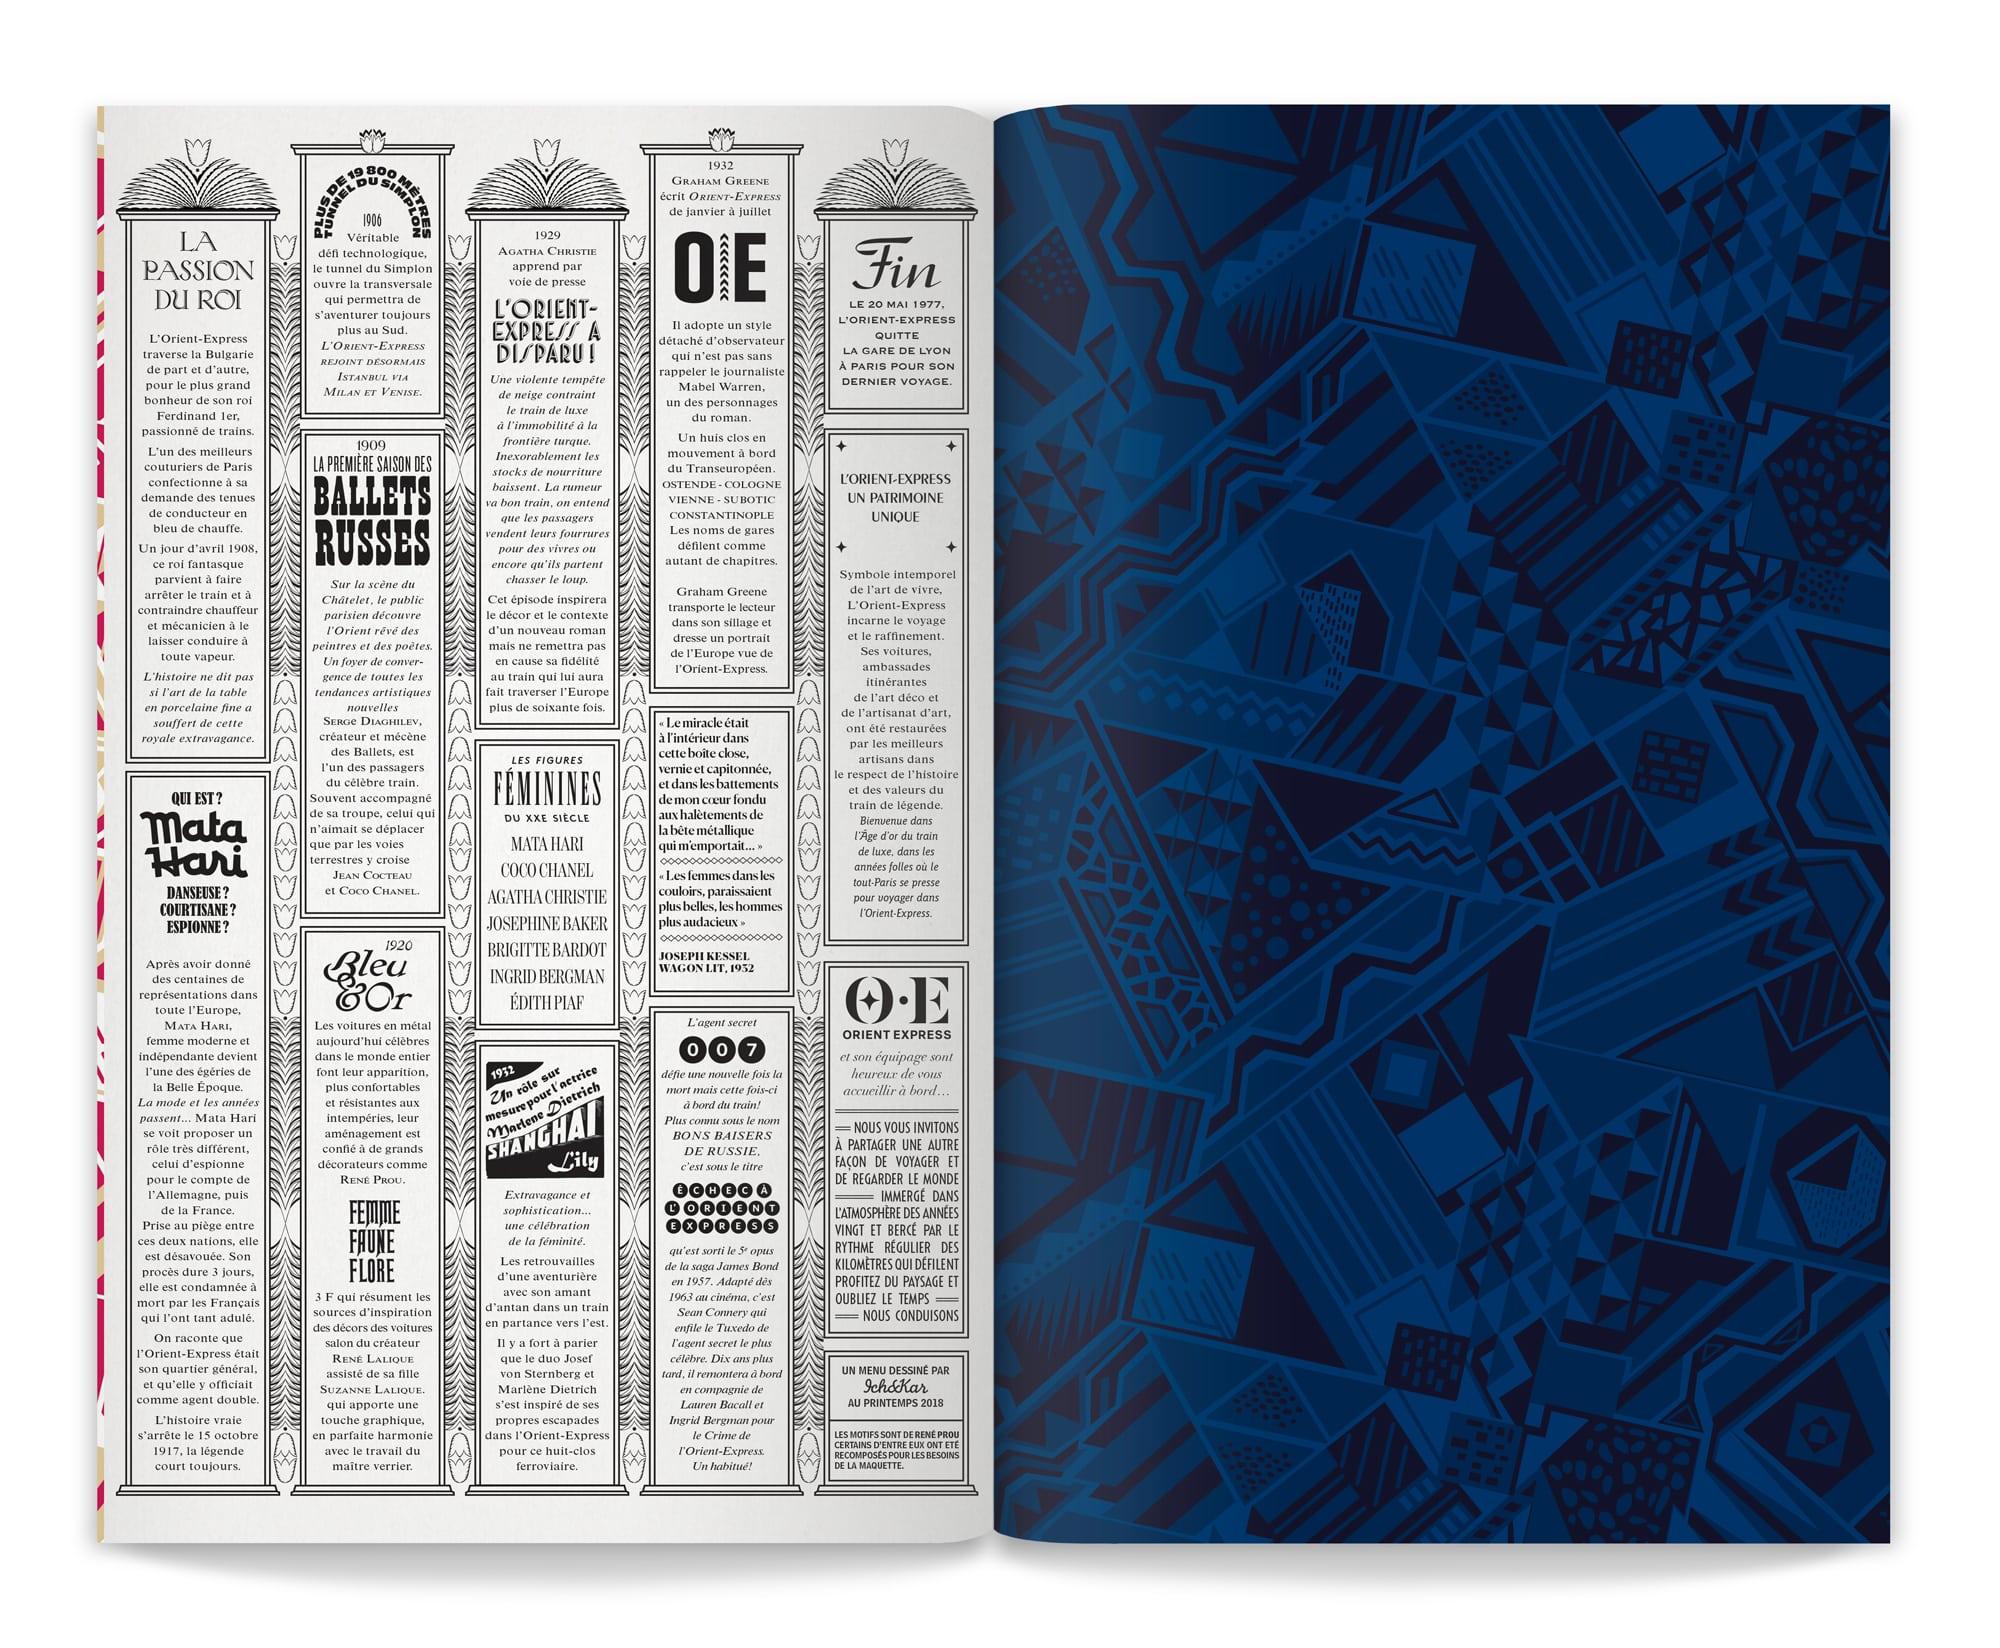 dernière page du menu Orient Express dessiné par ichetkar d'après des ornements années 20 par René Prou - composition typographique et dessin de motif au service d'un branding de marque historique